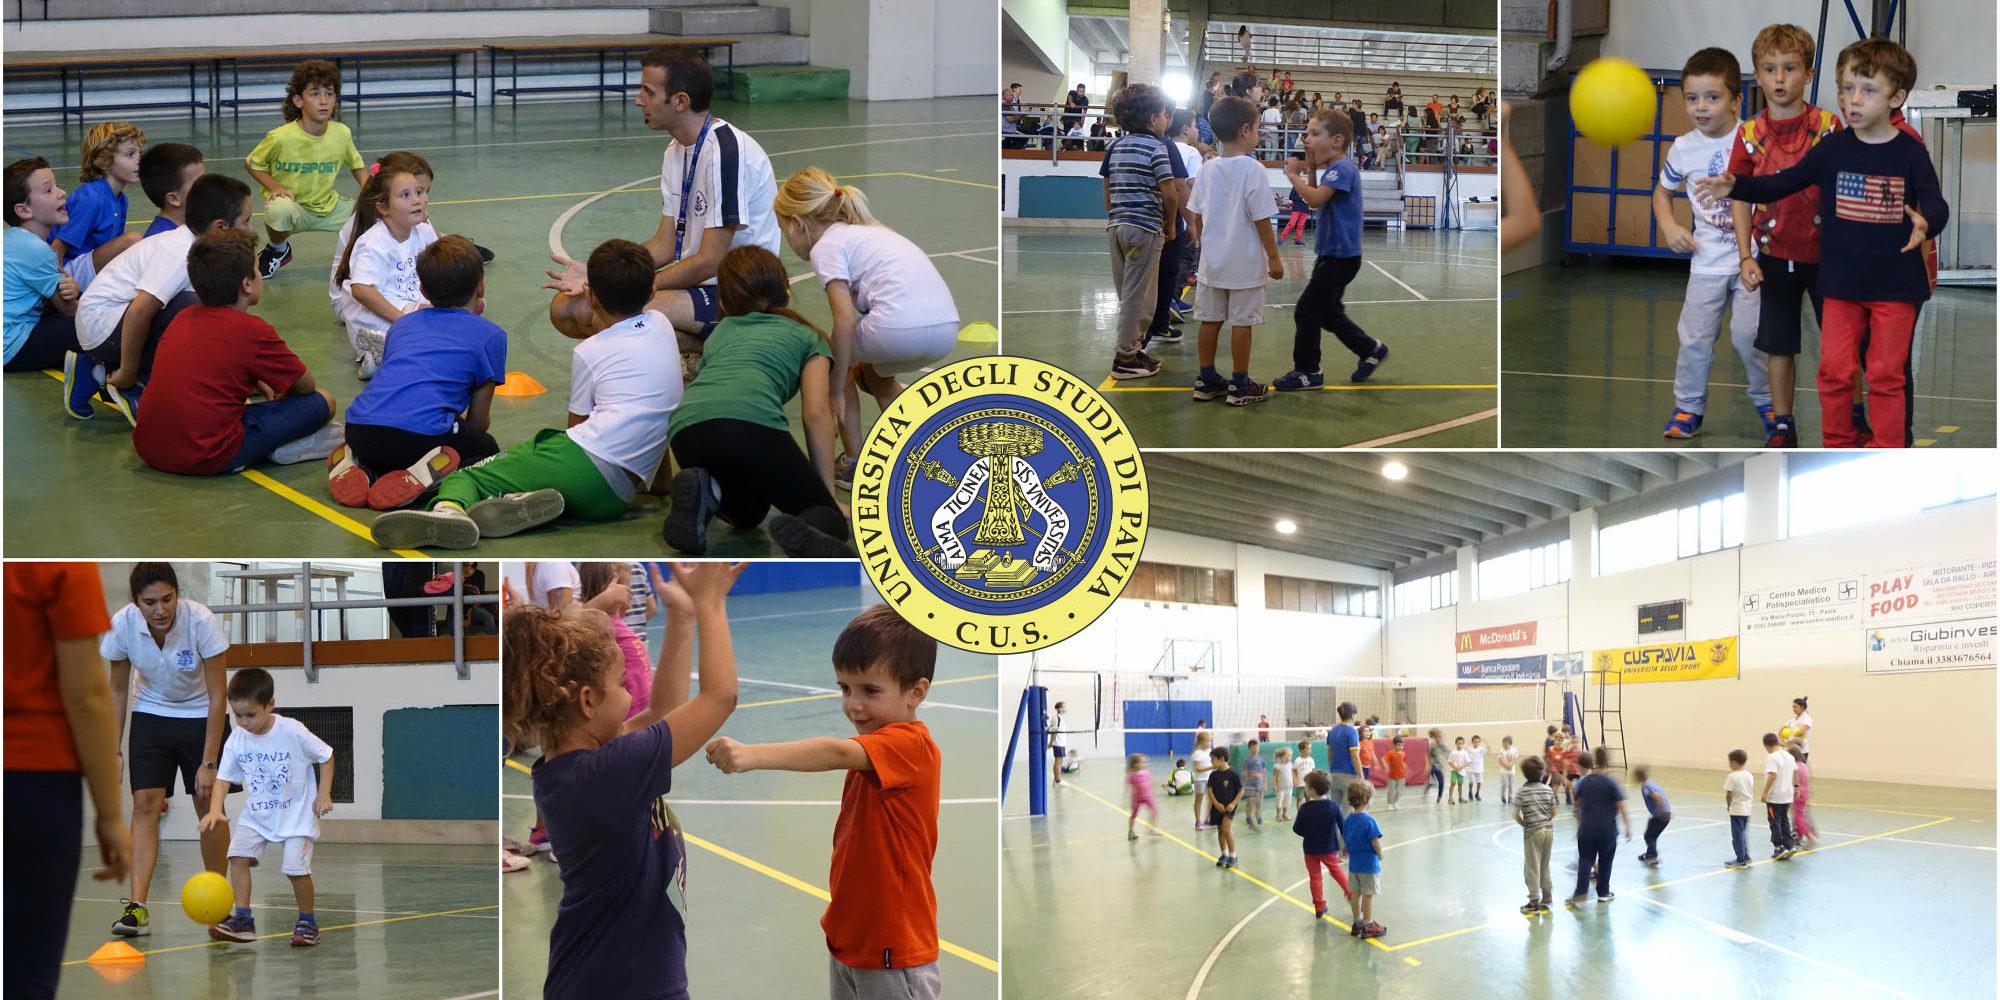 Corso sportivo bambini Multisport collage foto con logo